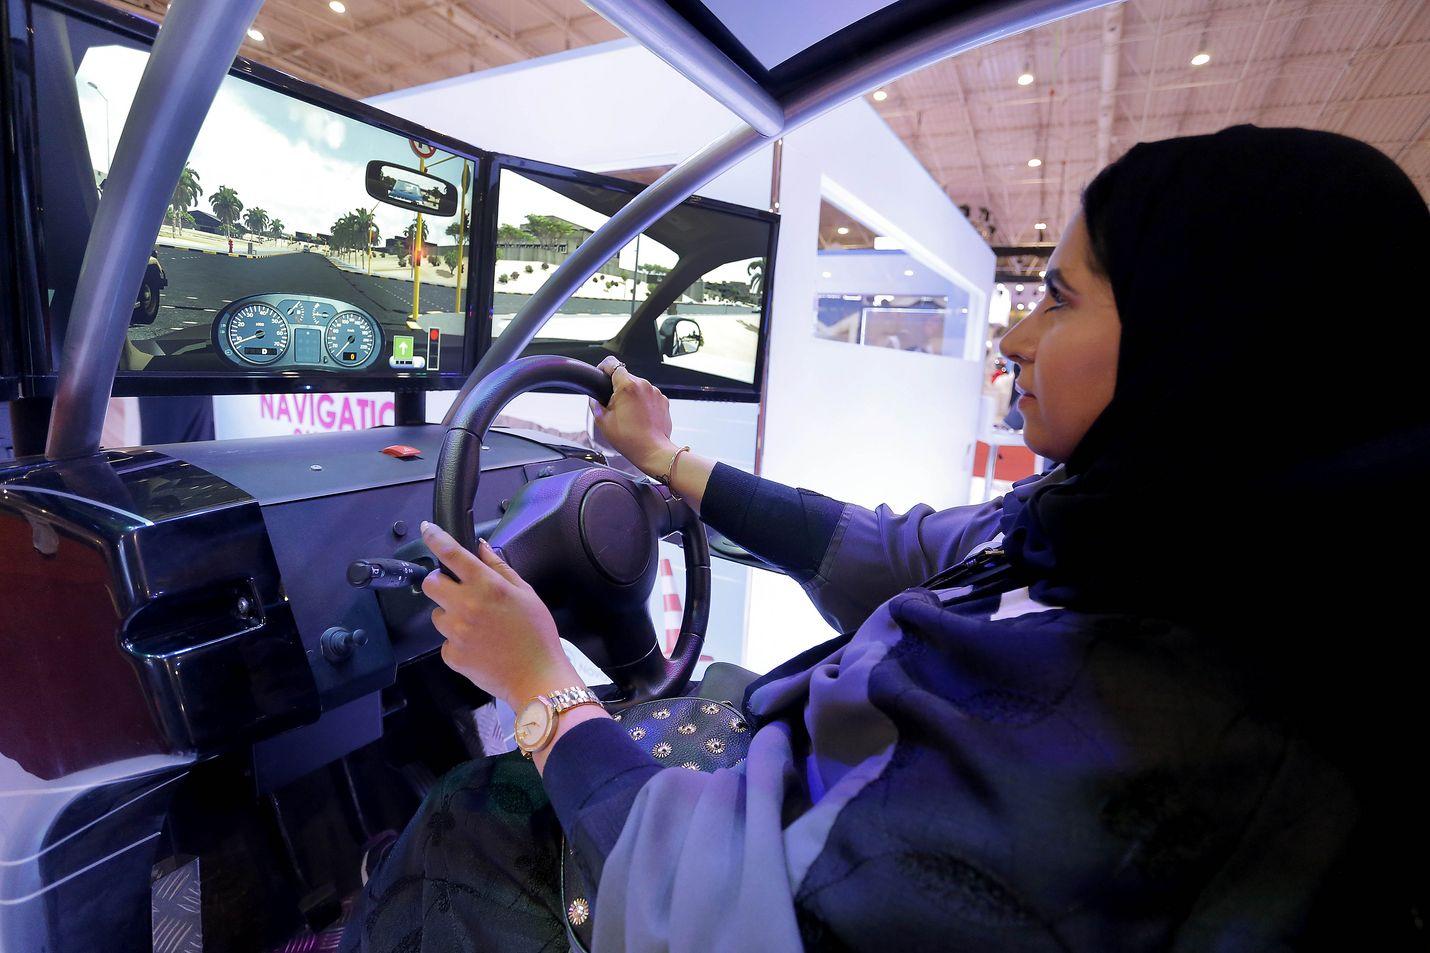 Viime toukokuussa naisten ajokiellon kumoamiseen valmistauduttiin Saudi-Arabiassa muun muassa ajosimulaattoreilla. Samassa kuussa viranomaiset ottivat kiinni aktivisteja, jotka olivat kampanjoineet ajokiellon kumoamisen ja mieshuoltajuuden lakkauttamisen puolesta.